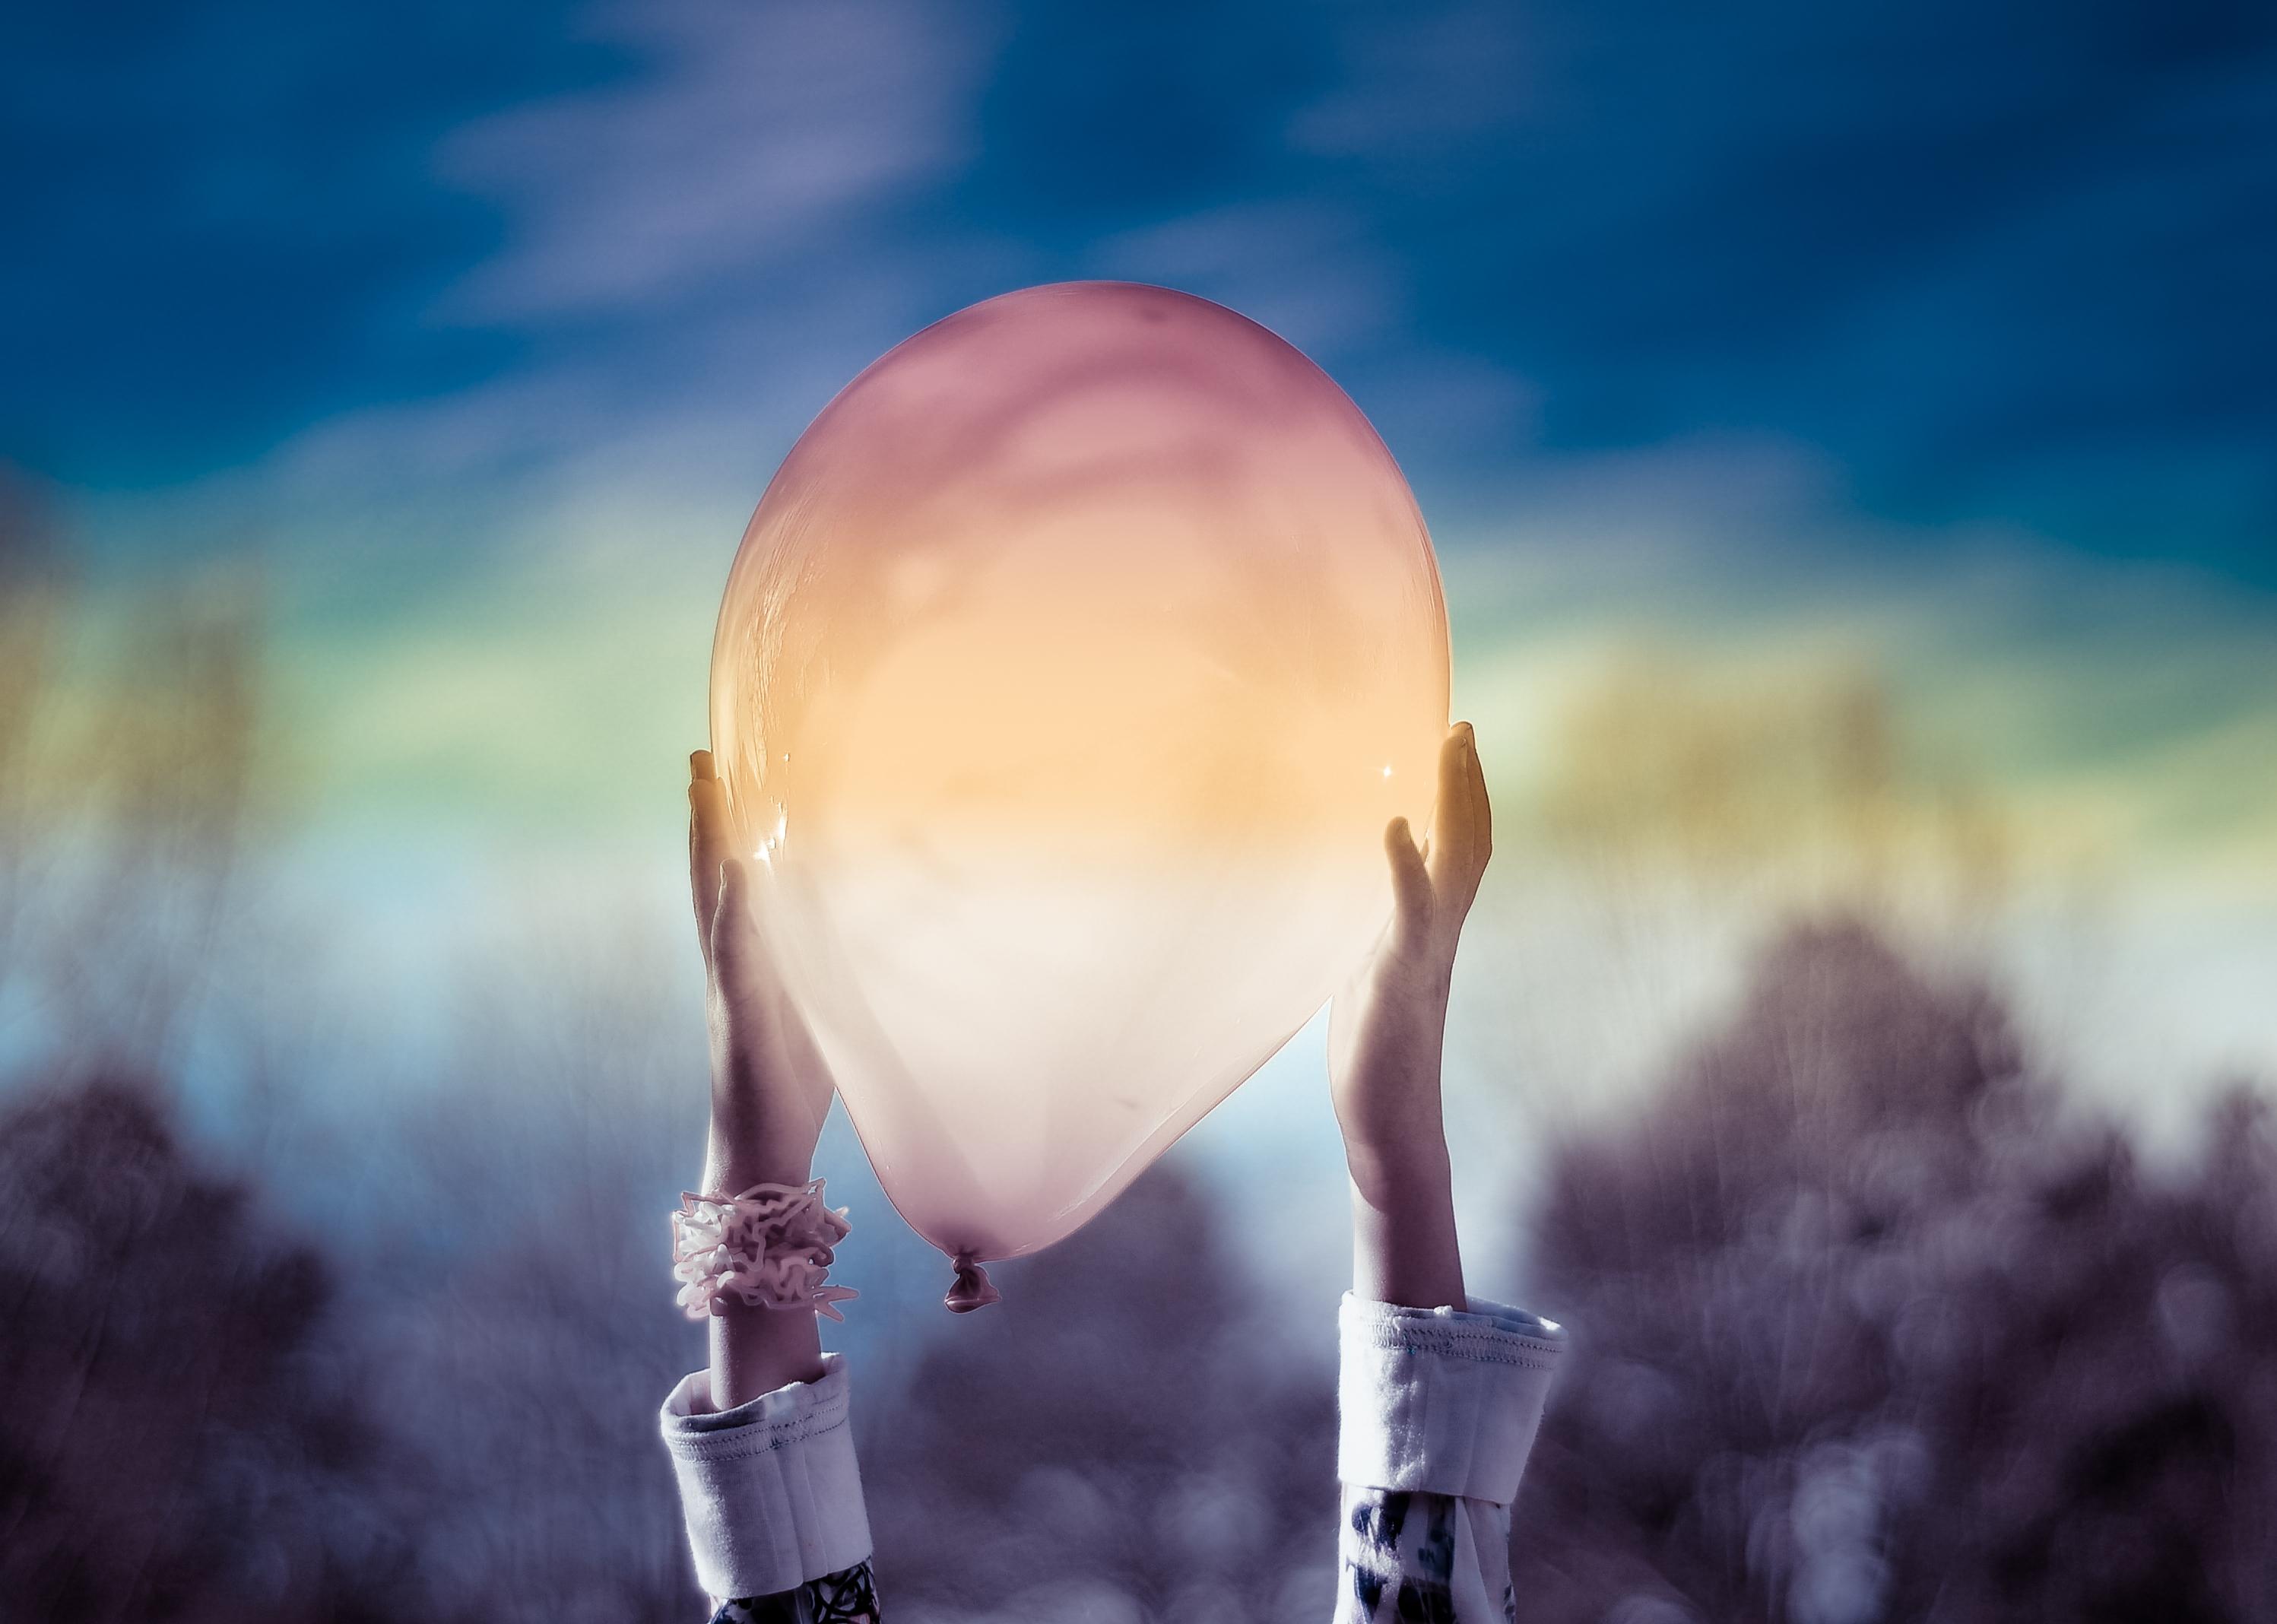 Картинка шары желания